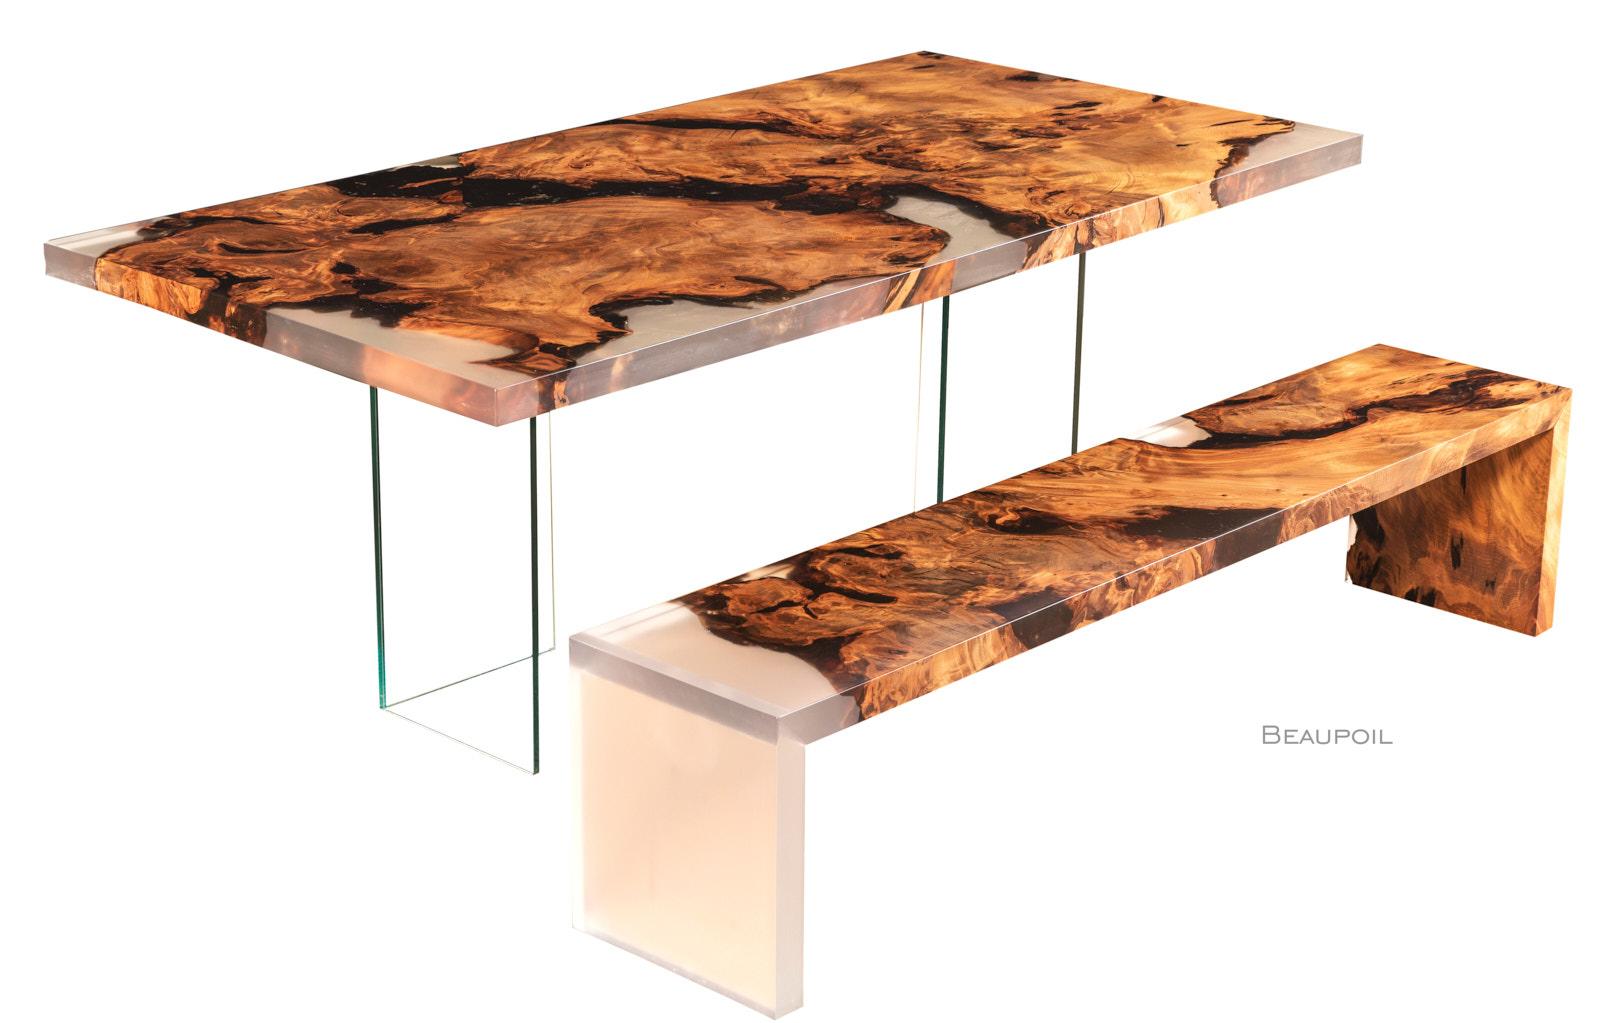 Exklusive Designmöbel und Wertanlage ist dieser einmalige Designertisch aus Kauri Wurzelholz, individuelles Möbeldesign und limitierte Luxus Unikate